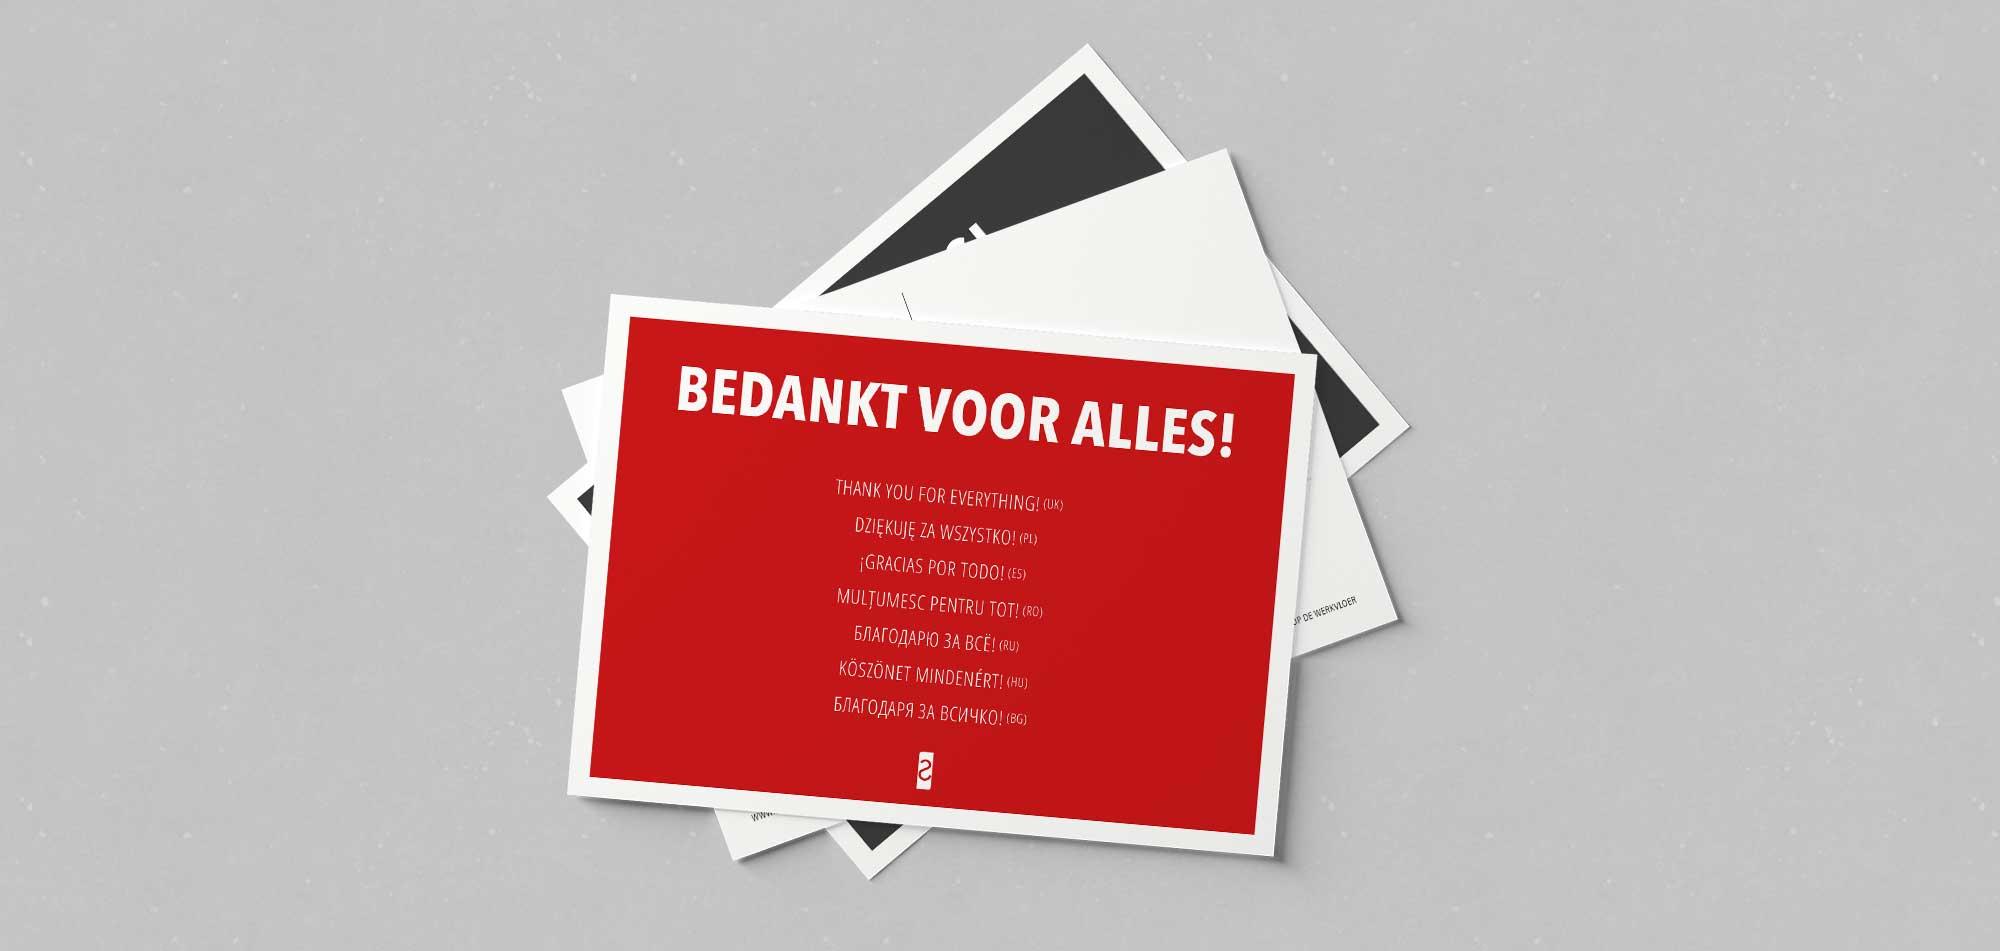 kaarten bedankt in 8 talen